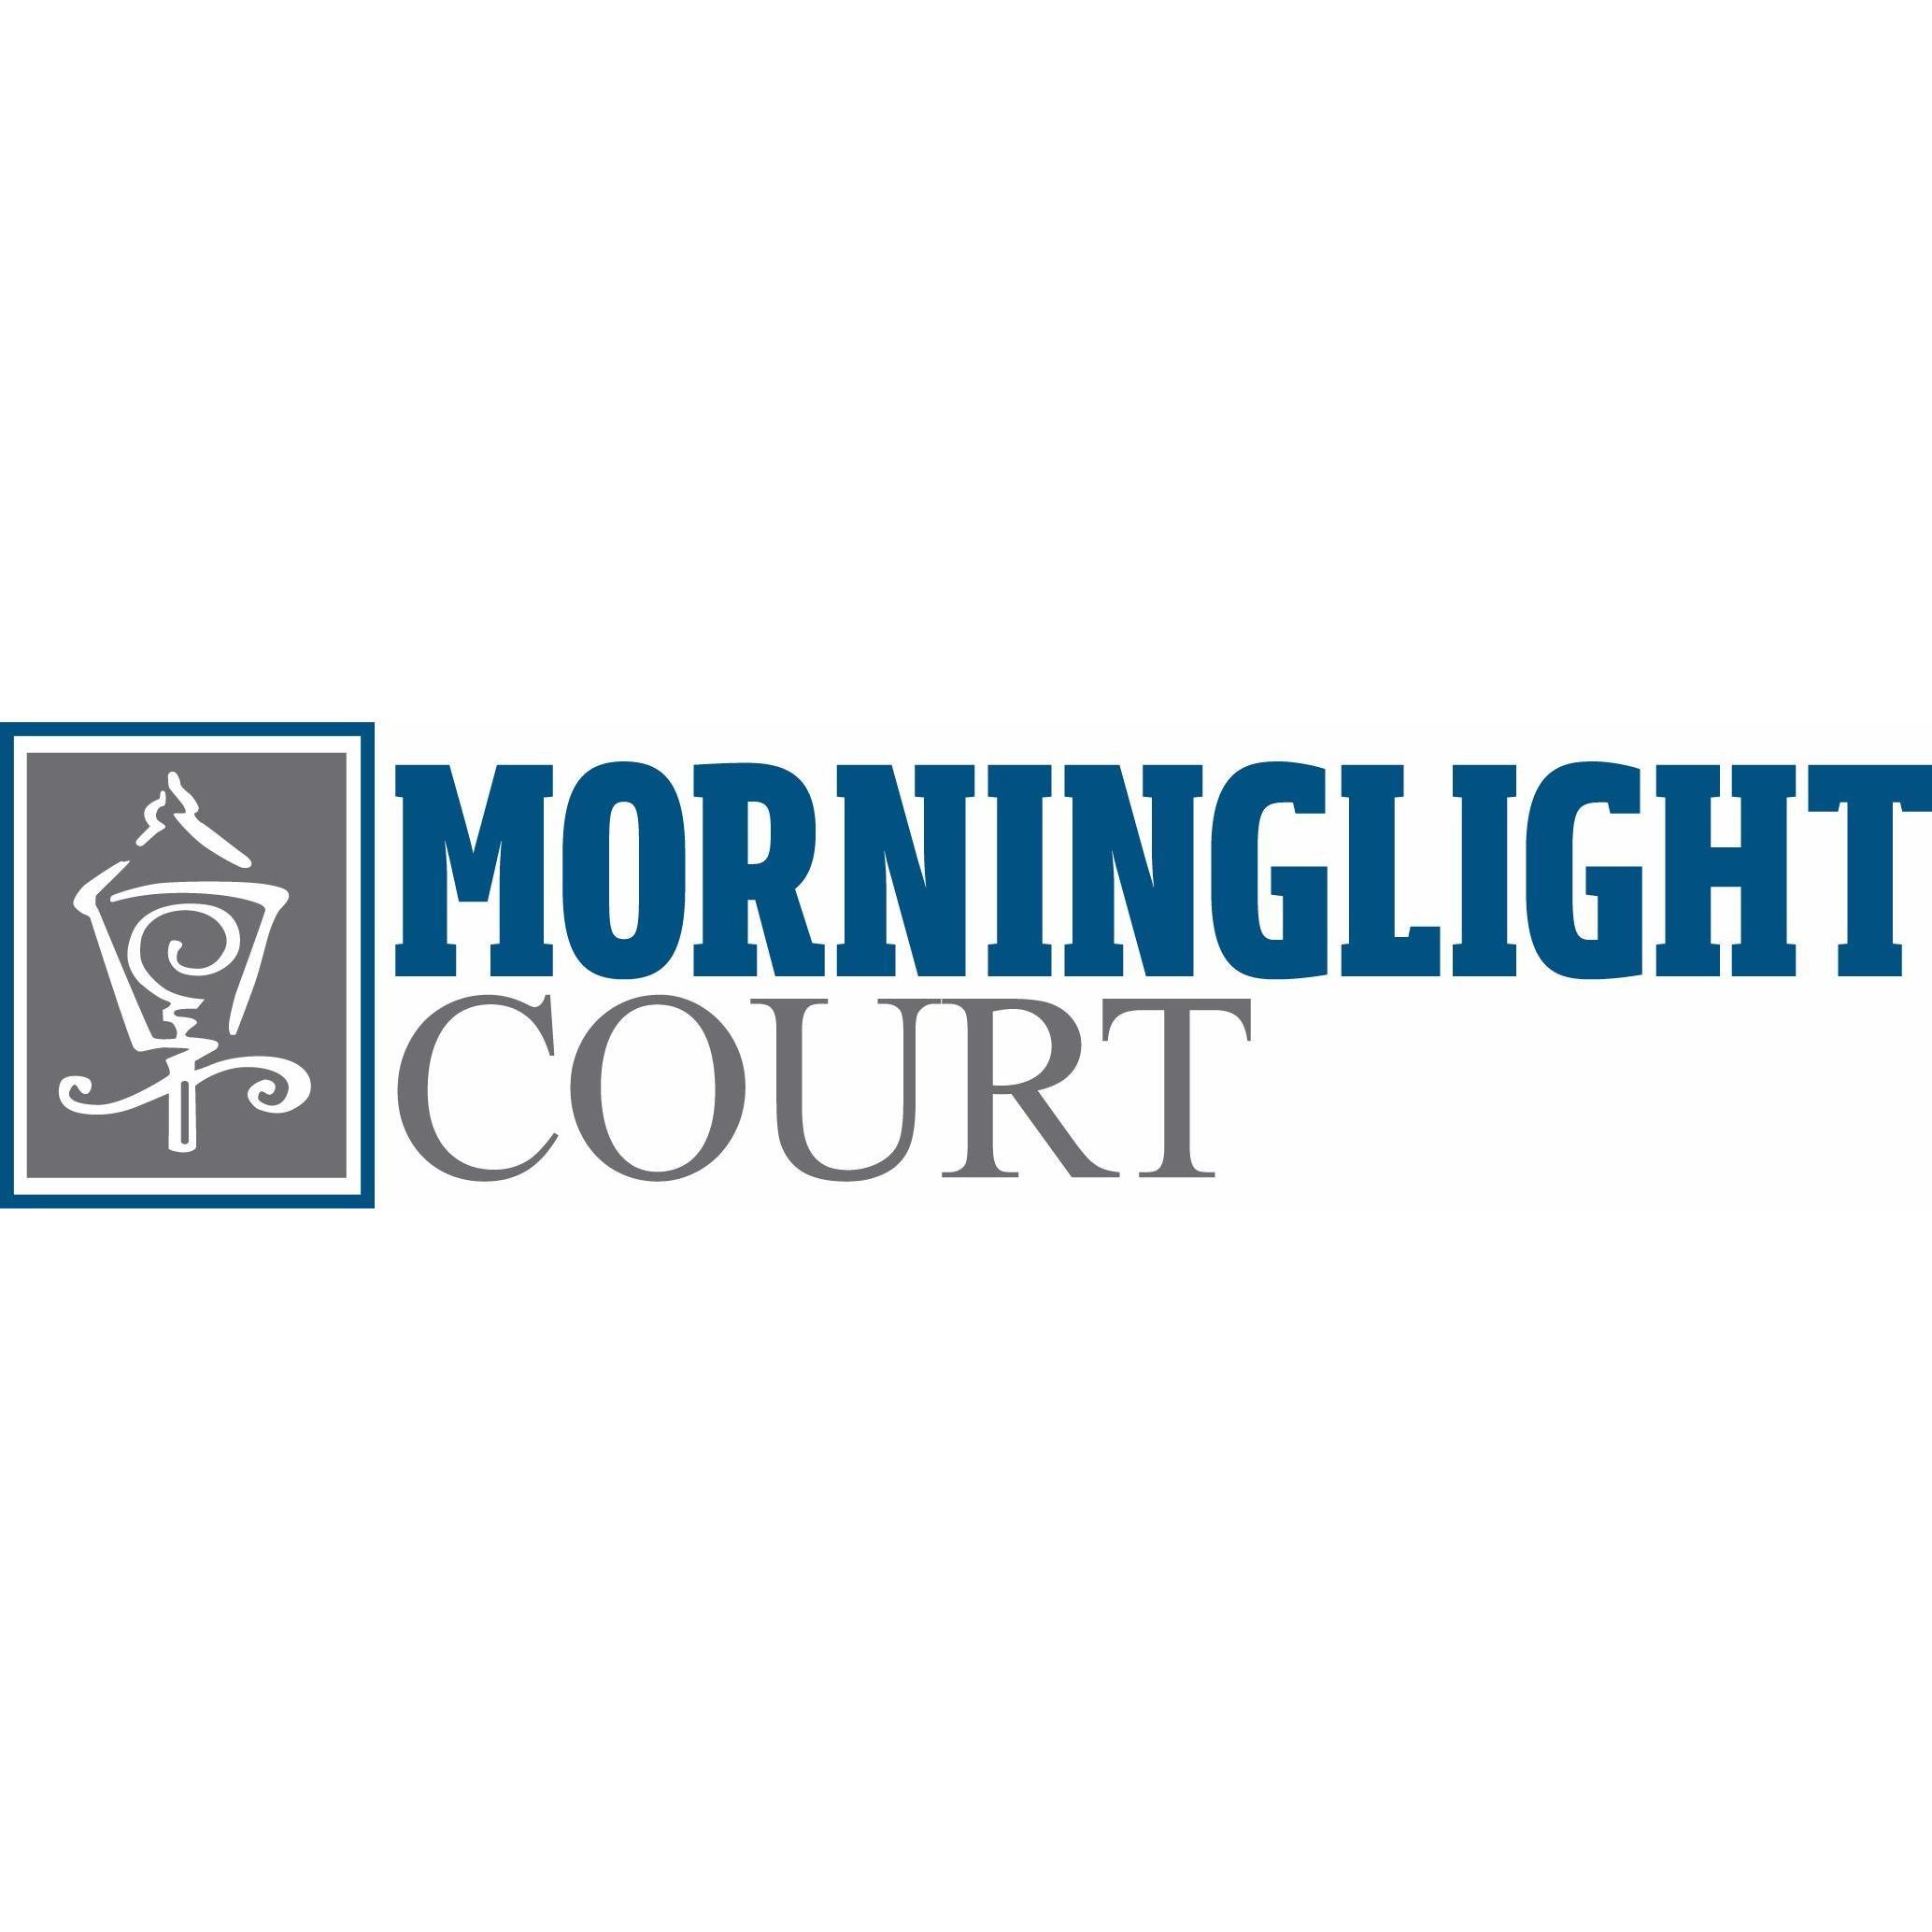 Morninglight Court - York, PA - Condominiums